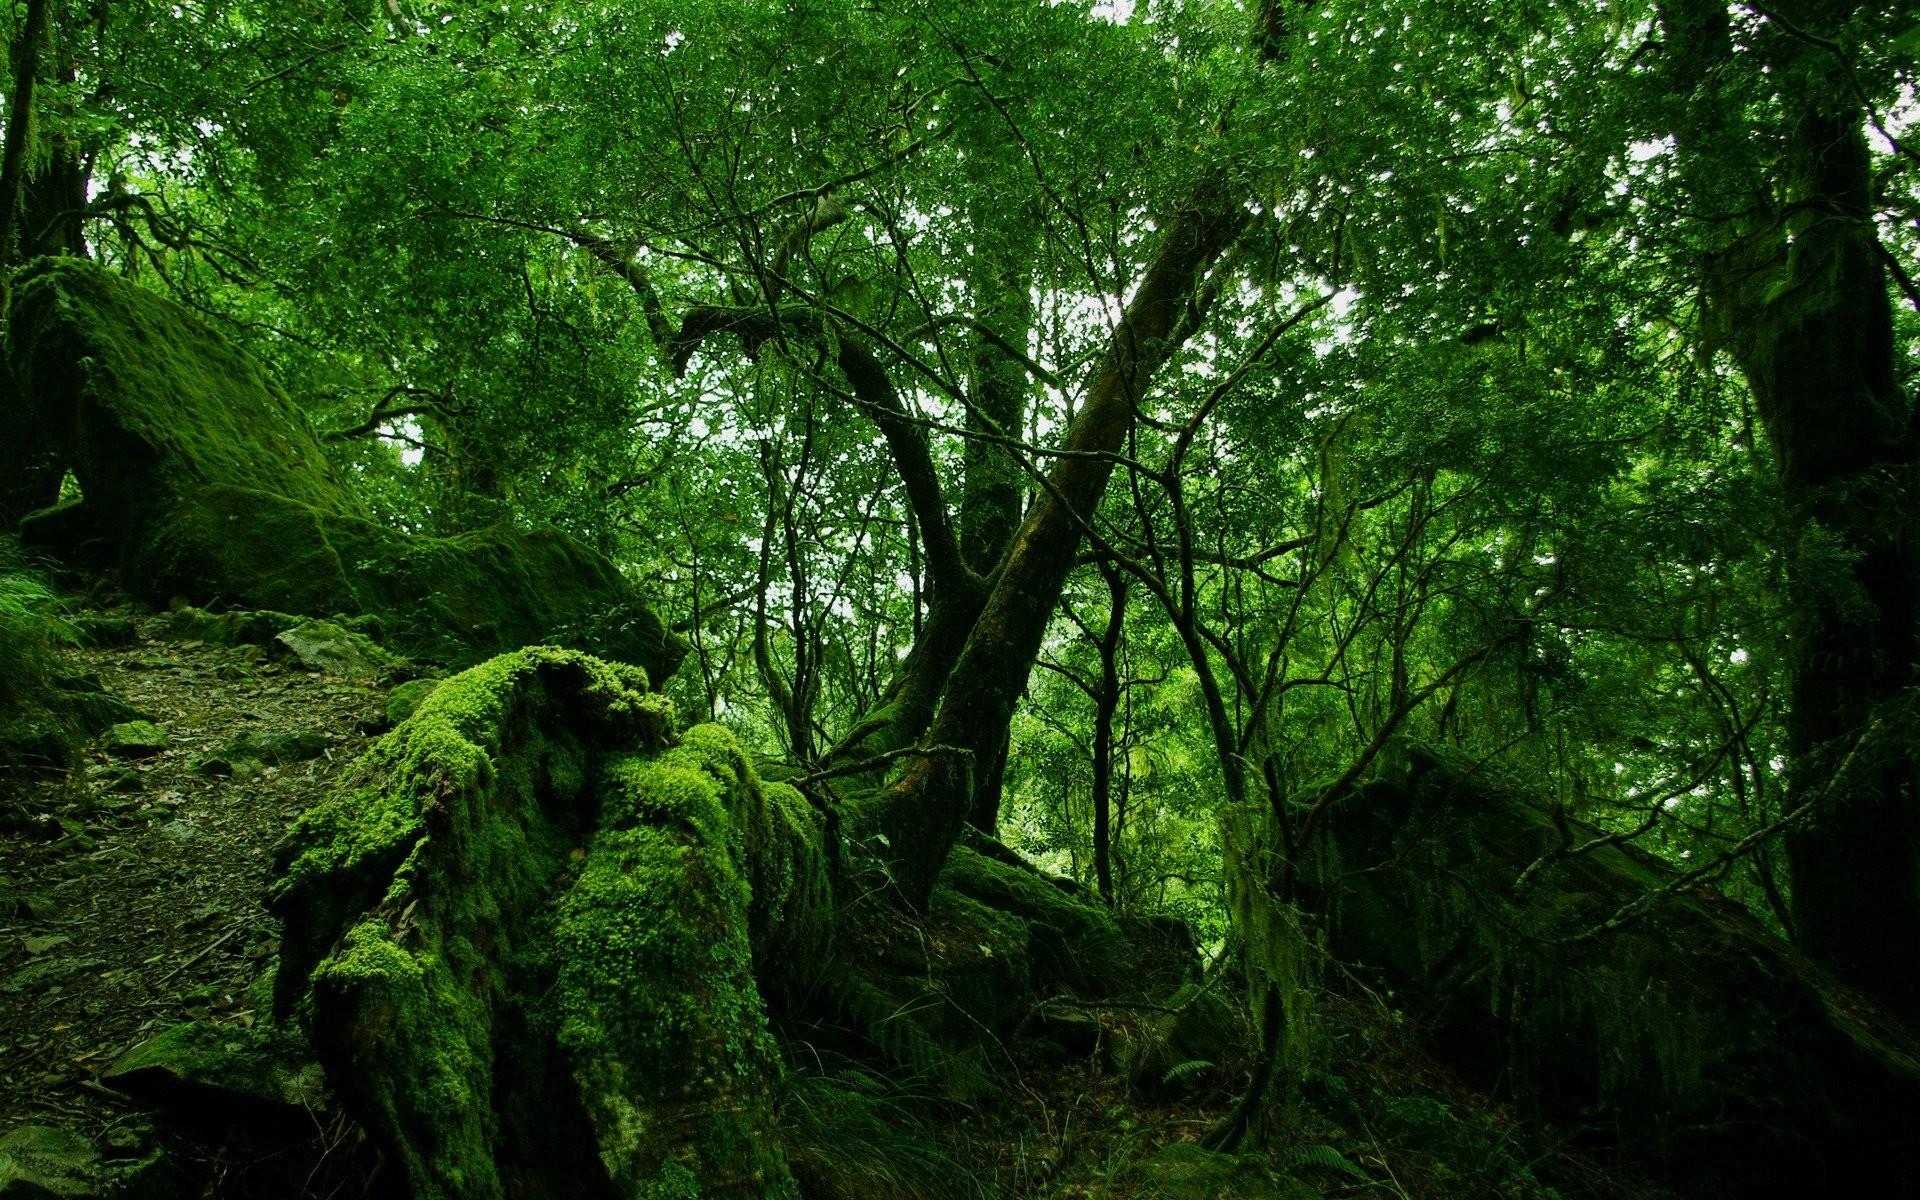 Rainforest Wallpaper 24482